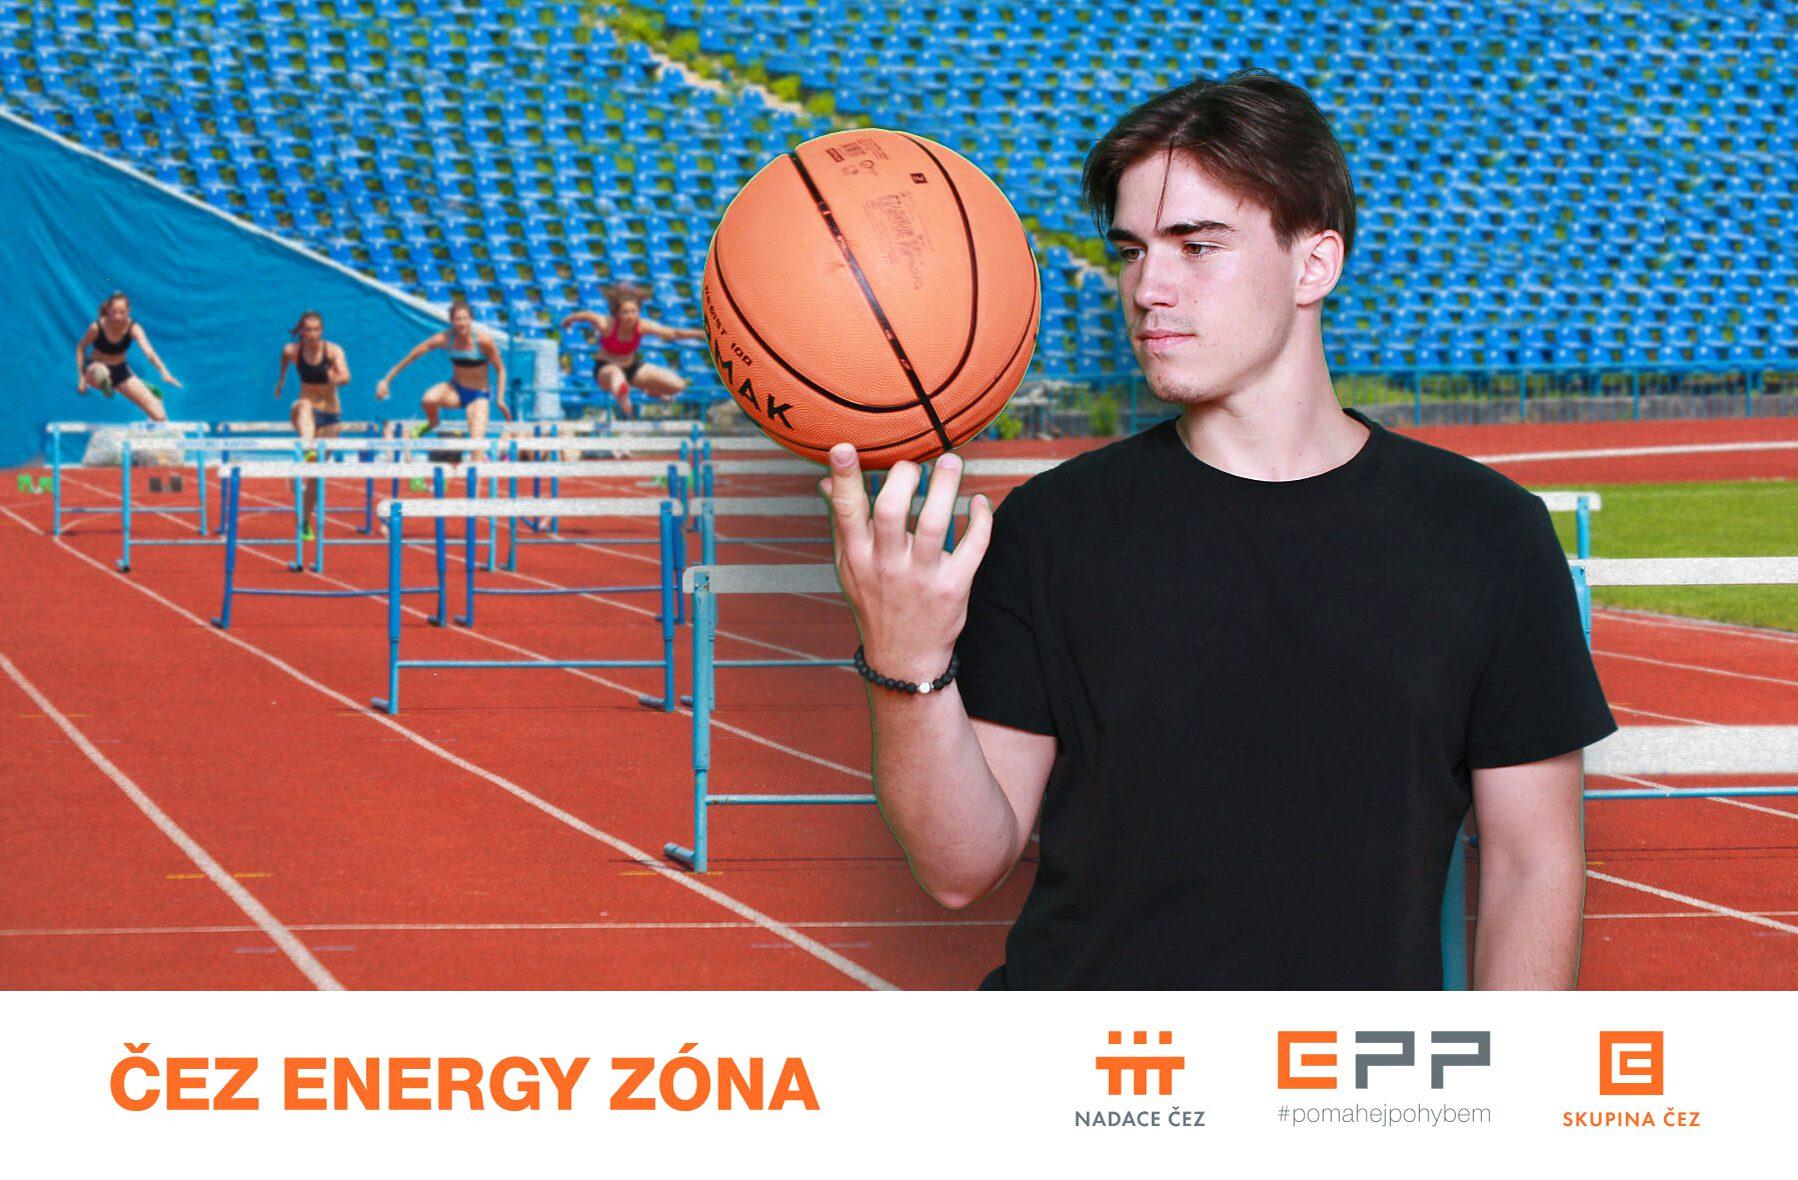 fotokoutek-olympijsky-festival-cez-energy-zona-2-8-2021-739278